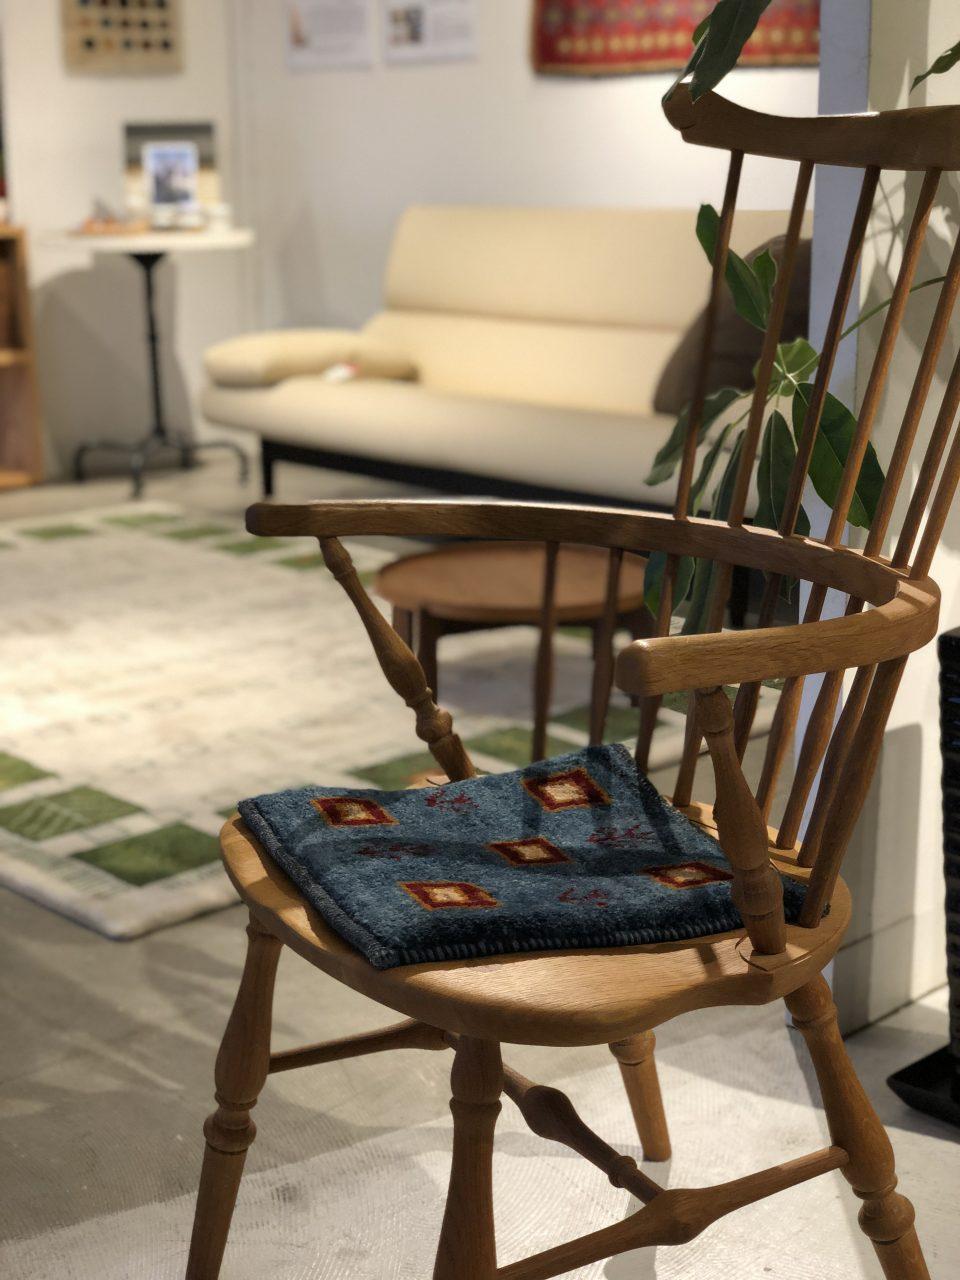 ミニギャッベは、お尻の群れも軽減してくれるの椅子の座面にもぴったりです